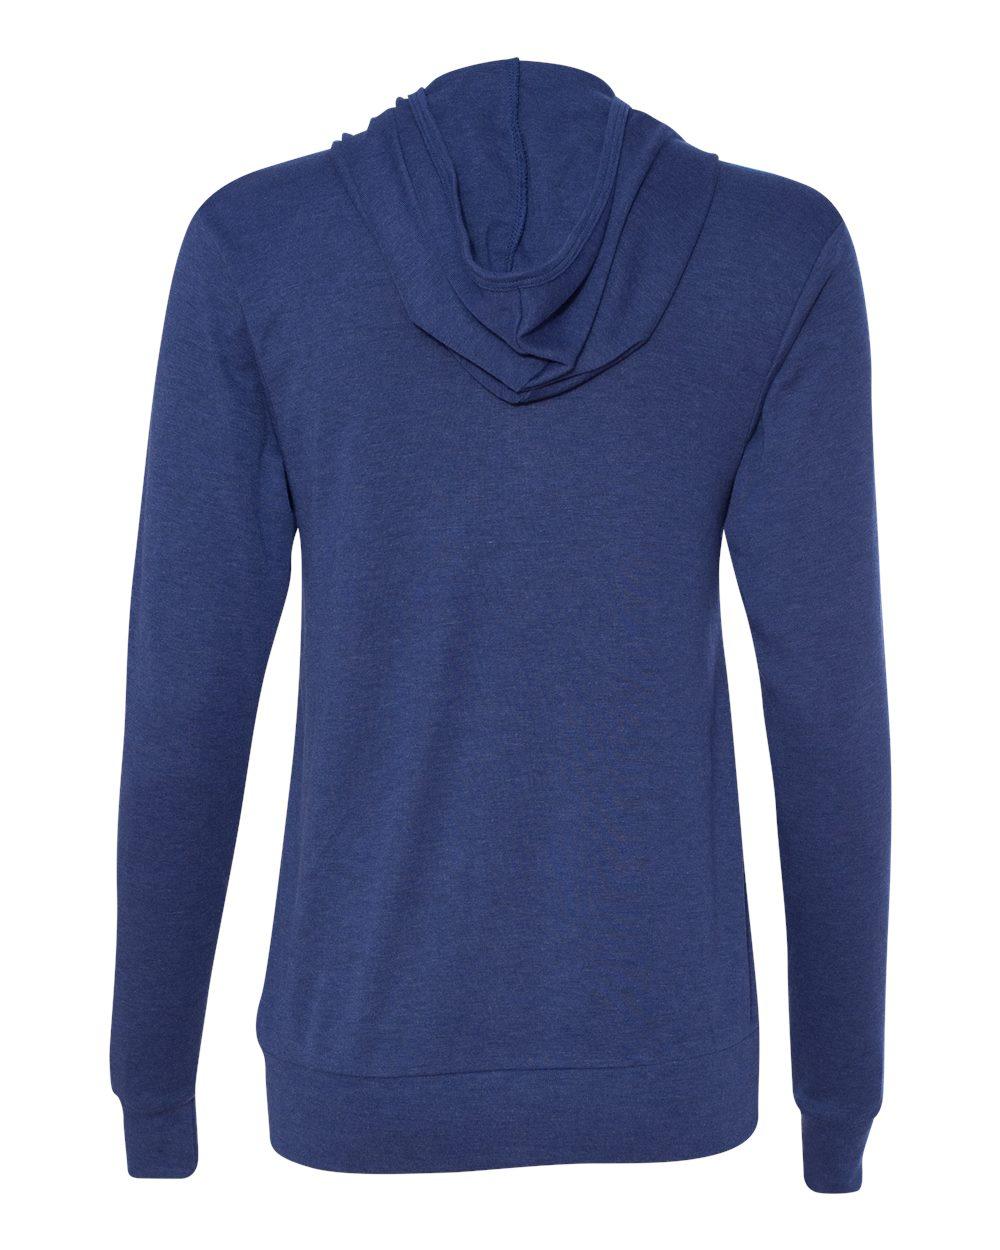 Bella-Canvas-Unisex-Triblend-Lightweight-Hooded-Full-Zip-T-Shirt-3939-upto-2XL thumbnail 22